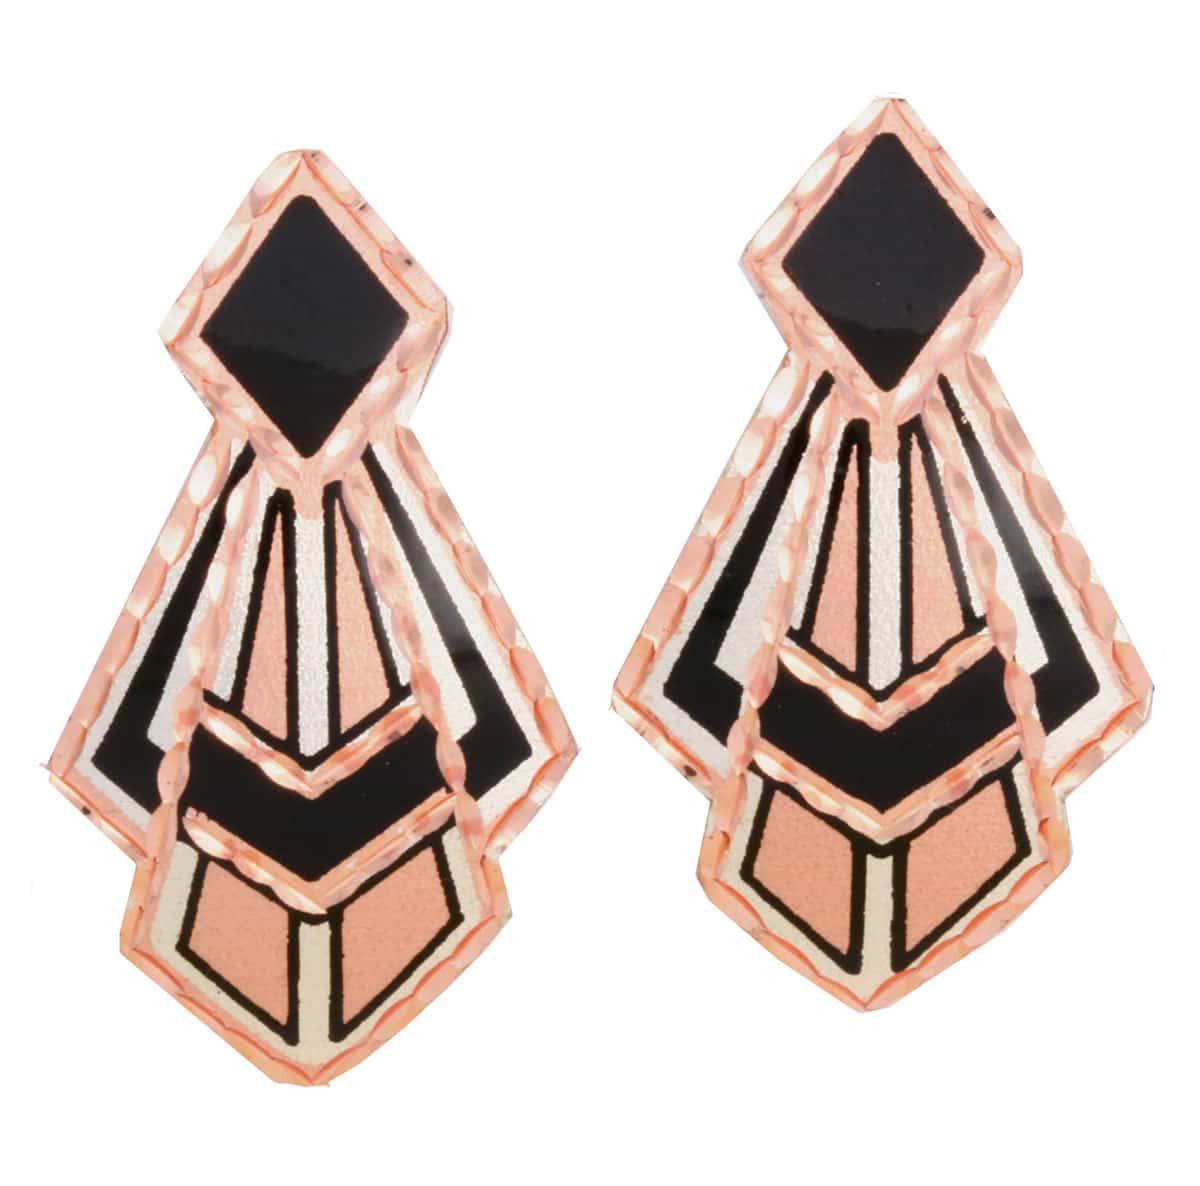 Copper Stud Earrings